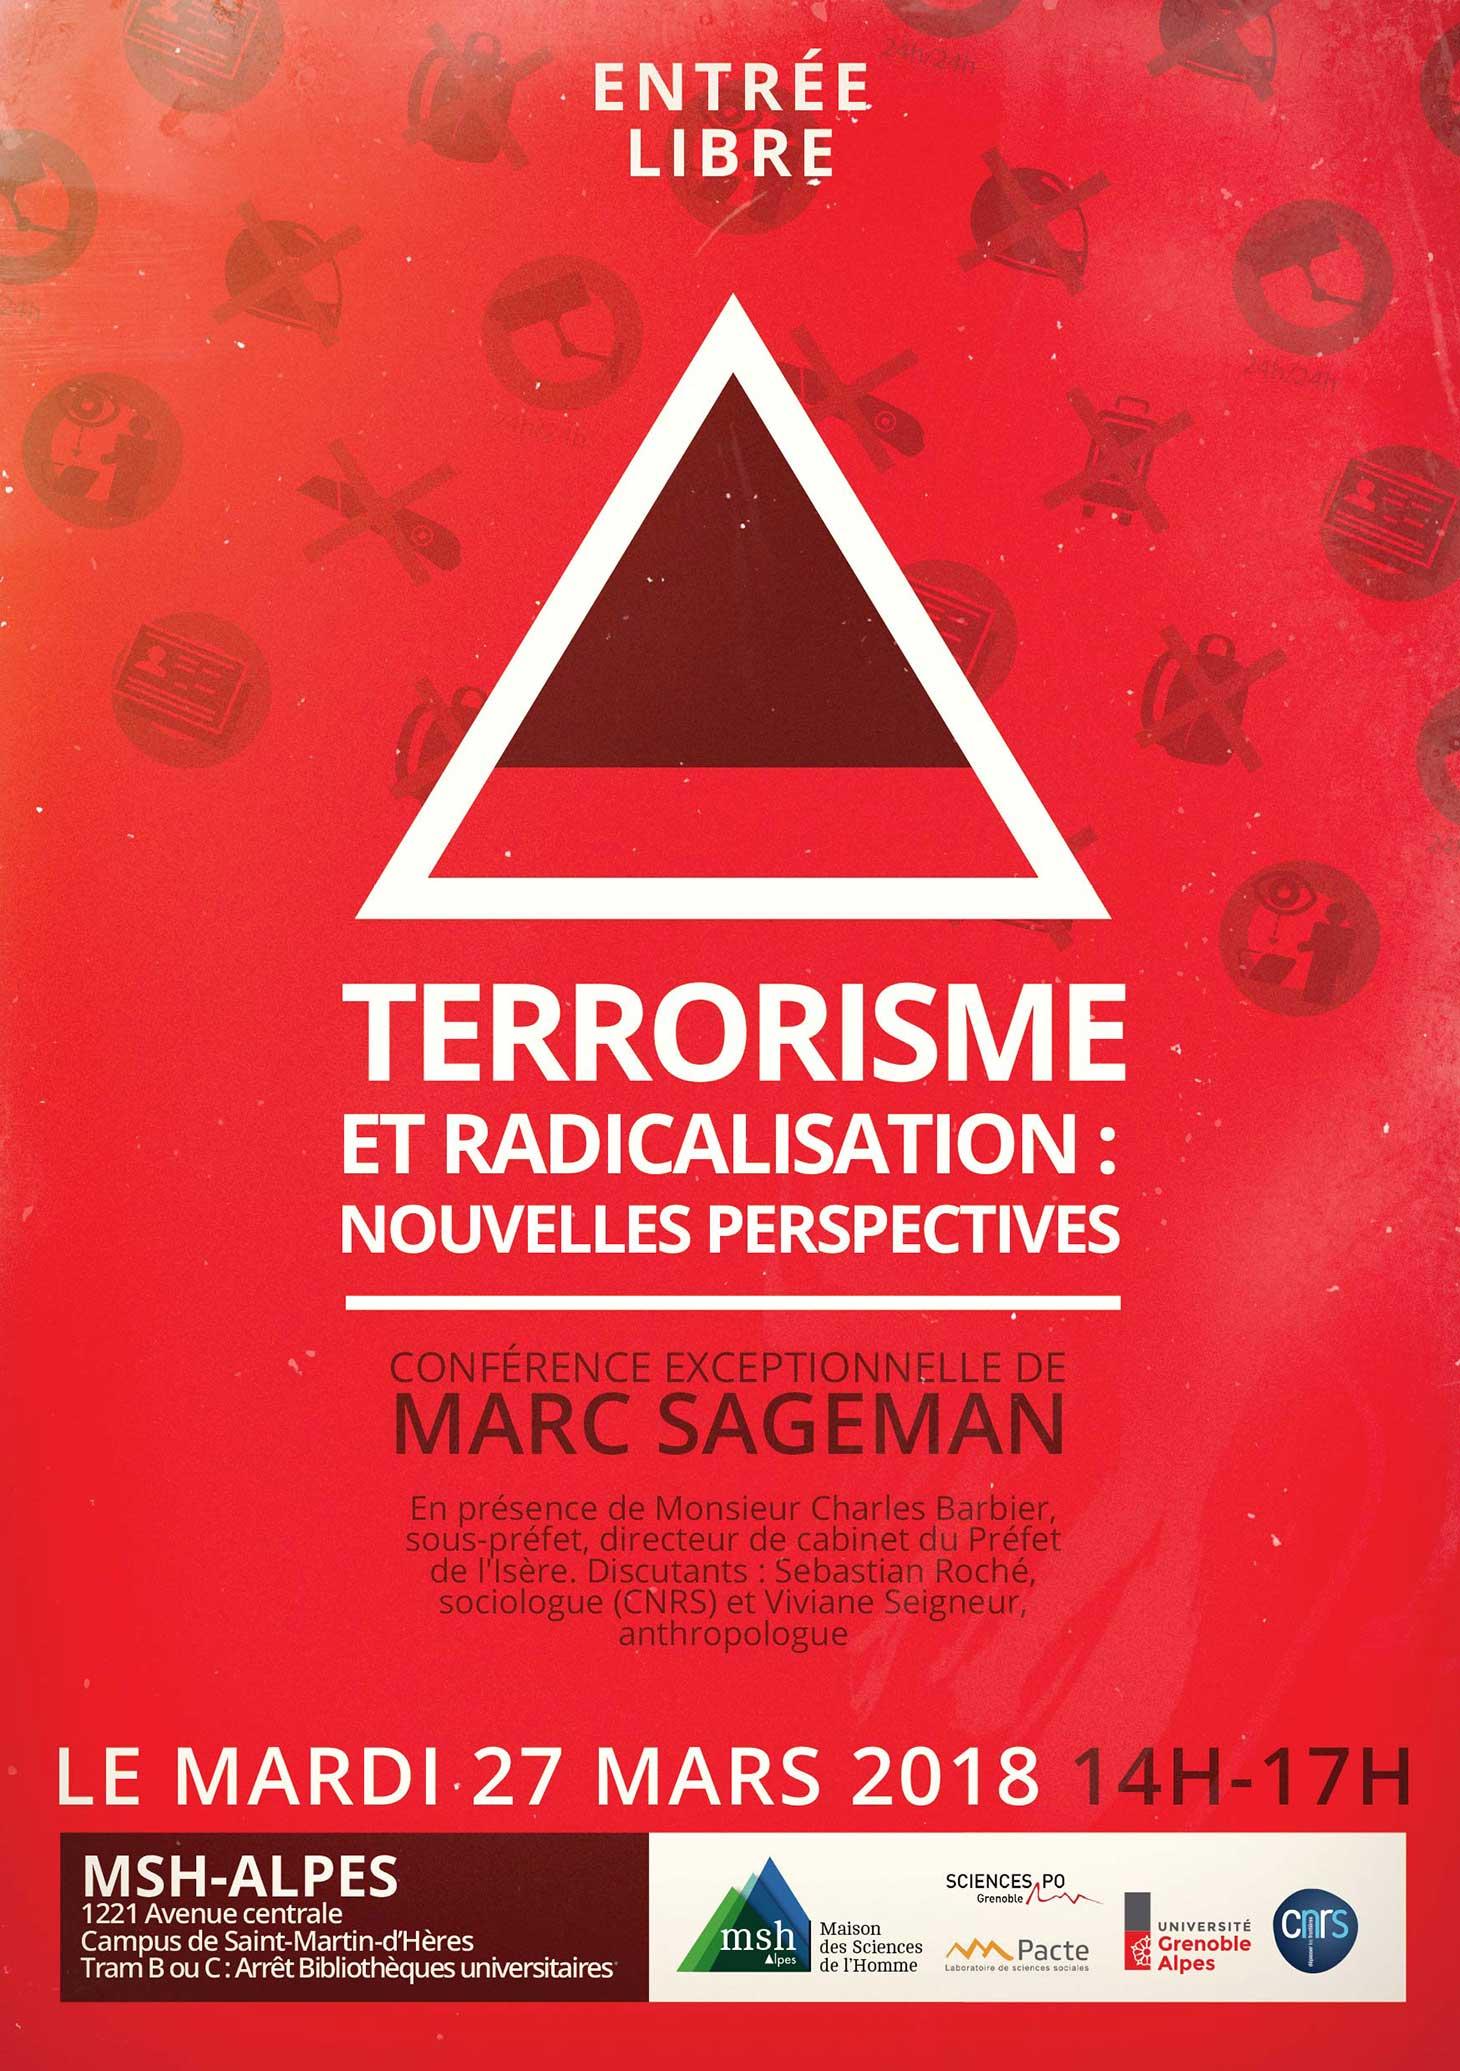 Affiche de la conférence terrorisme et radicalisation